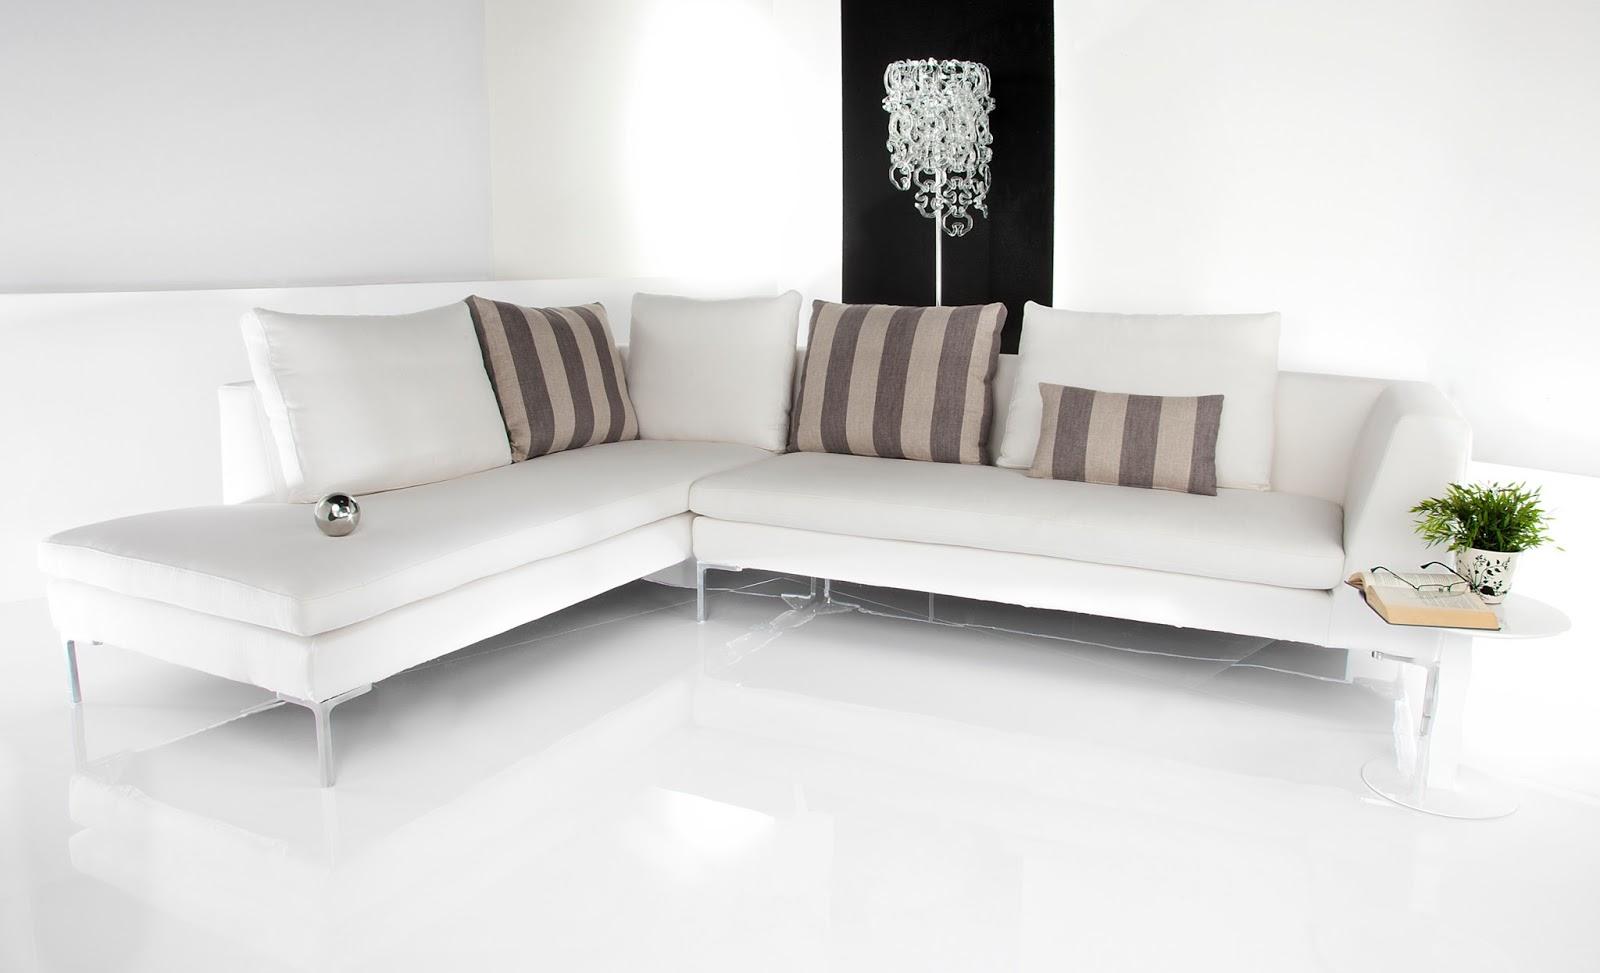 Bedrooms ispirazioni camera da letto for Divani letti moderni